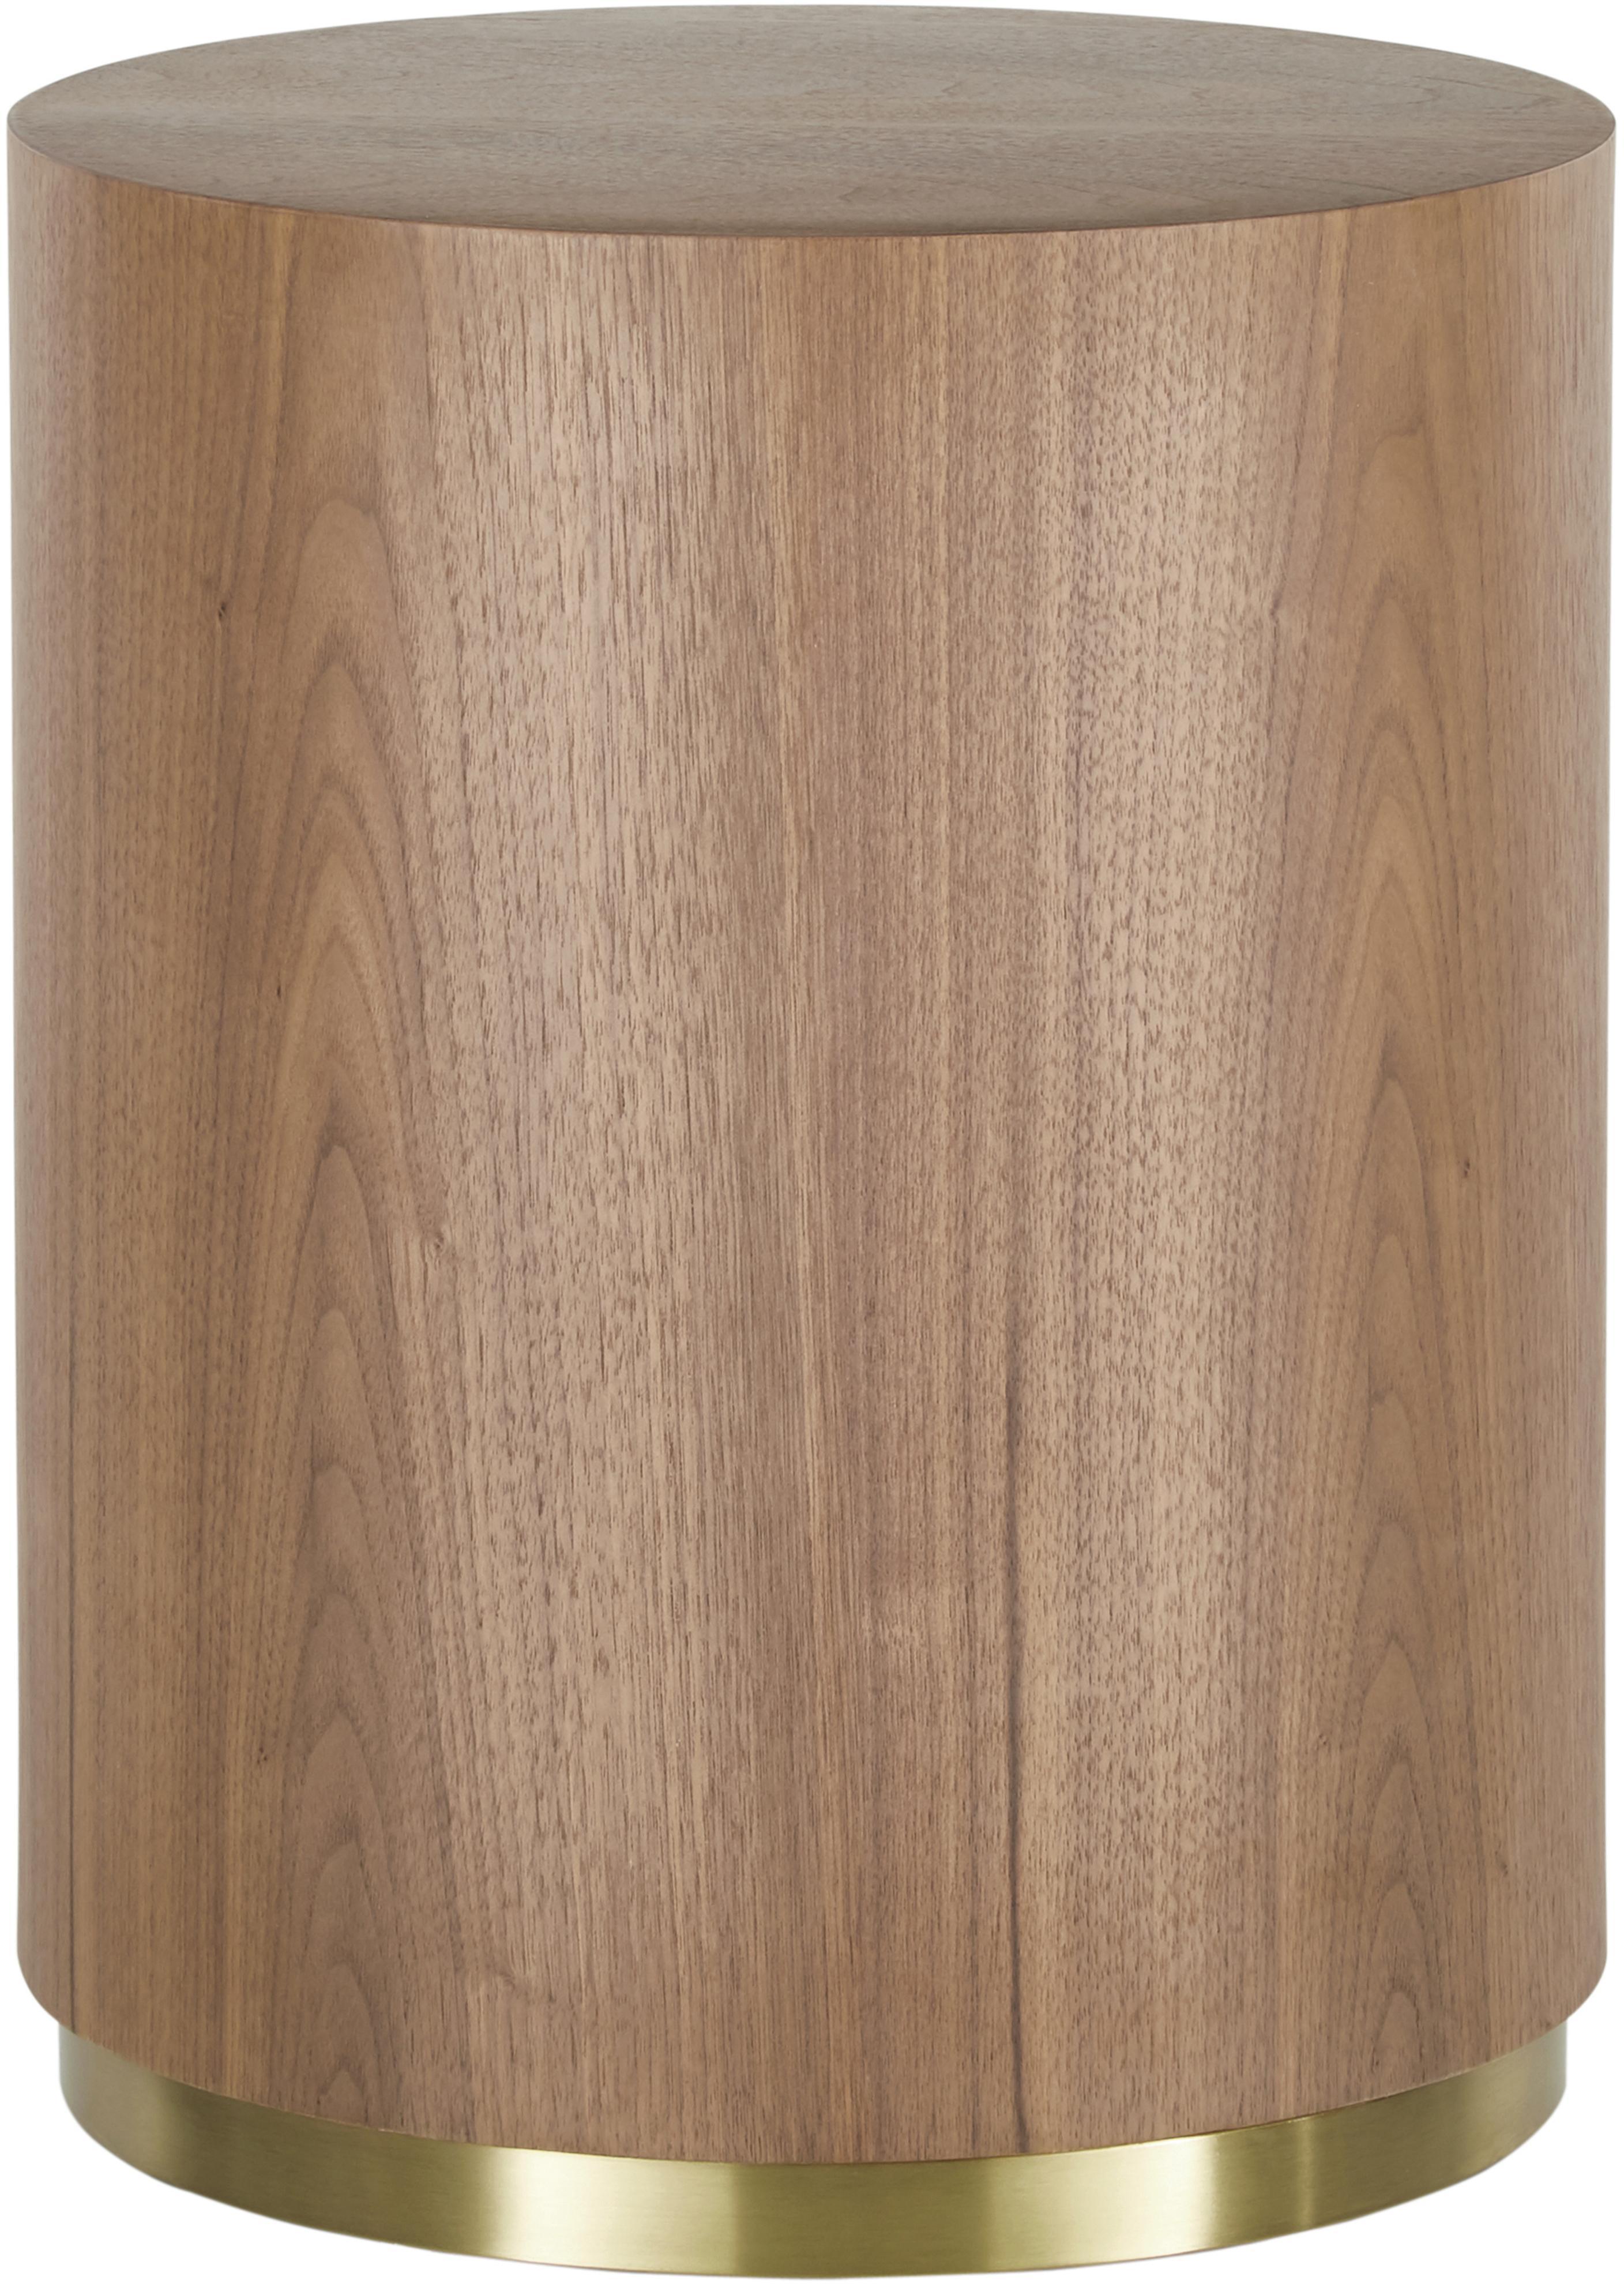 Bijzettafel Clarice in walnootkleur, Frame: MDF met walnoothoutfineer, Voet: gecoat metaal, Frame: walnoothoutkleurig. Voet: goudkleurig, glanzend geborsteld, Ø 40 x H 50 cm